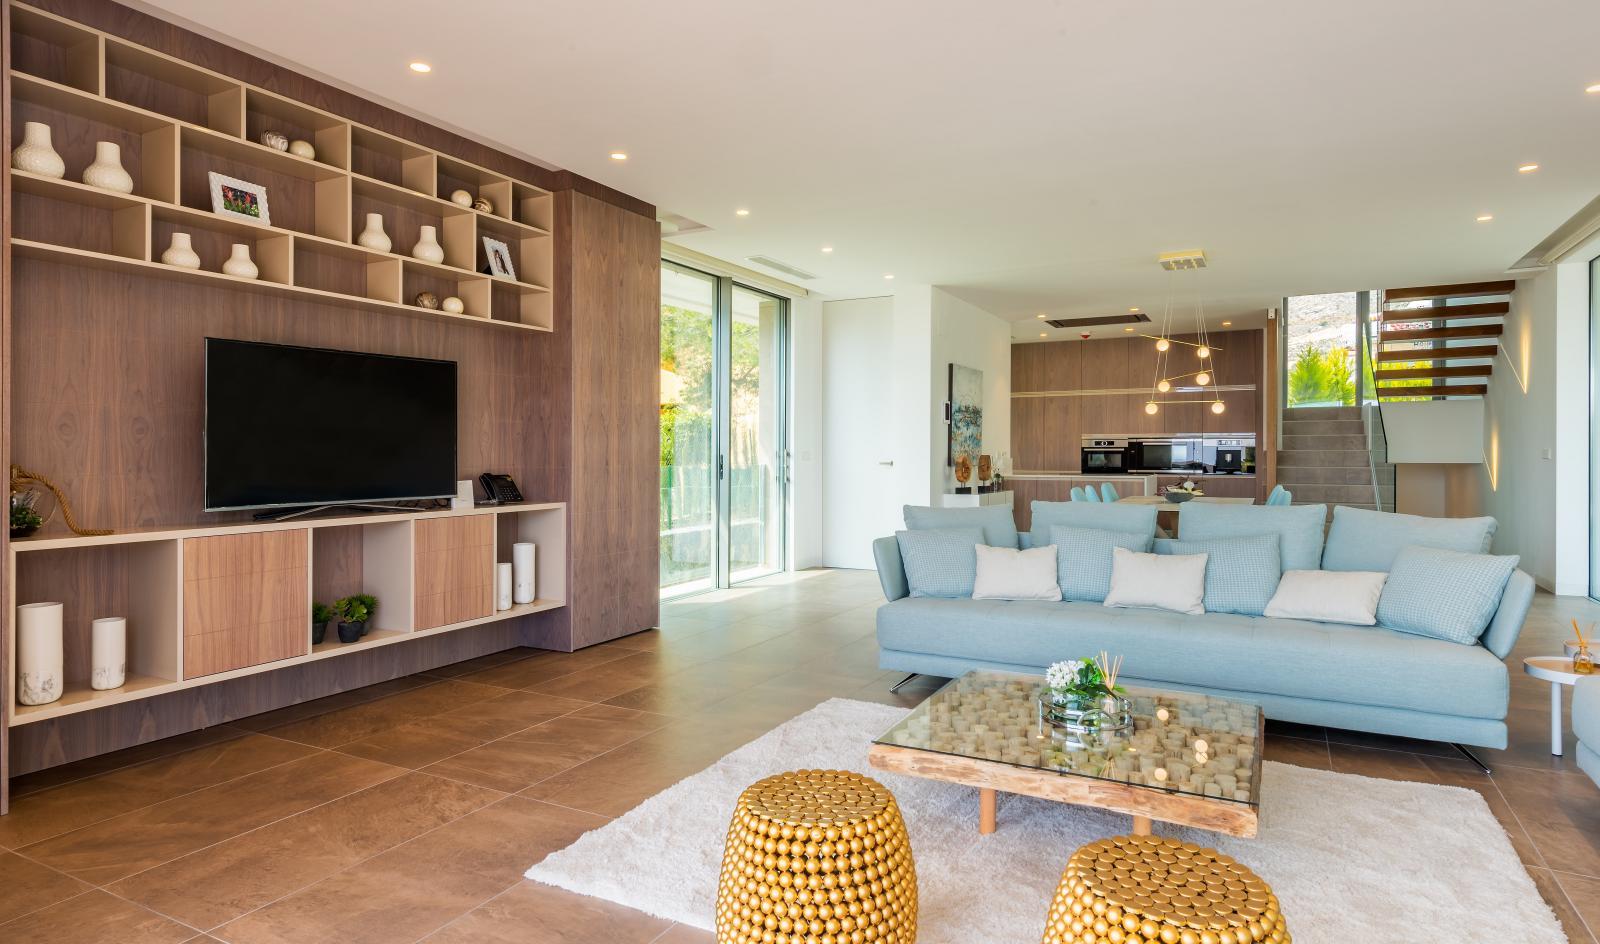 6. Brand new villa in Finestrat Alicante - Fantastic Brand New Villa in Finestrat, Alicante